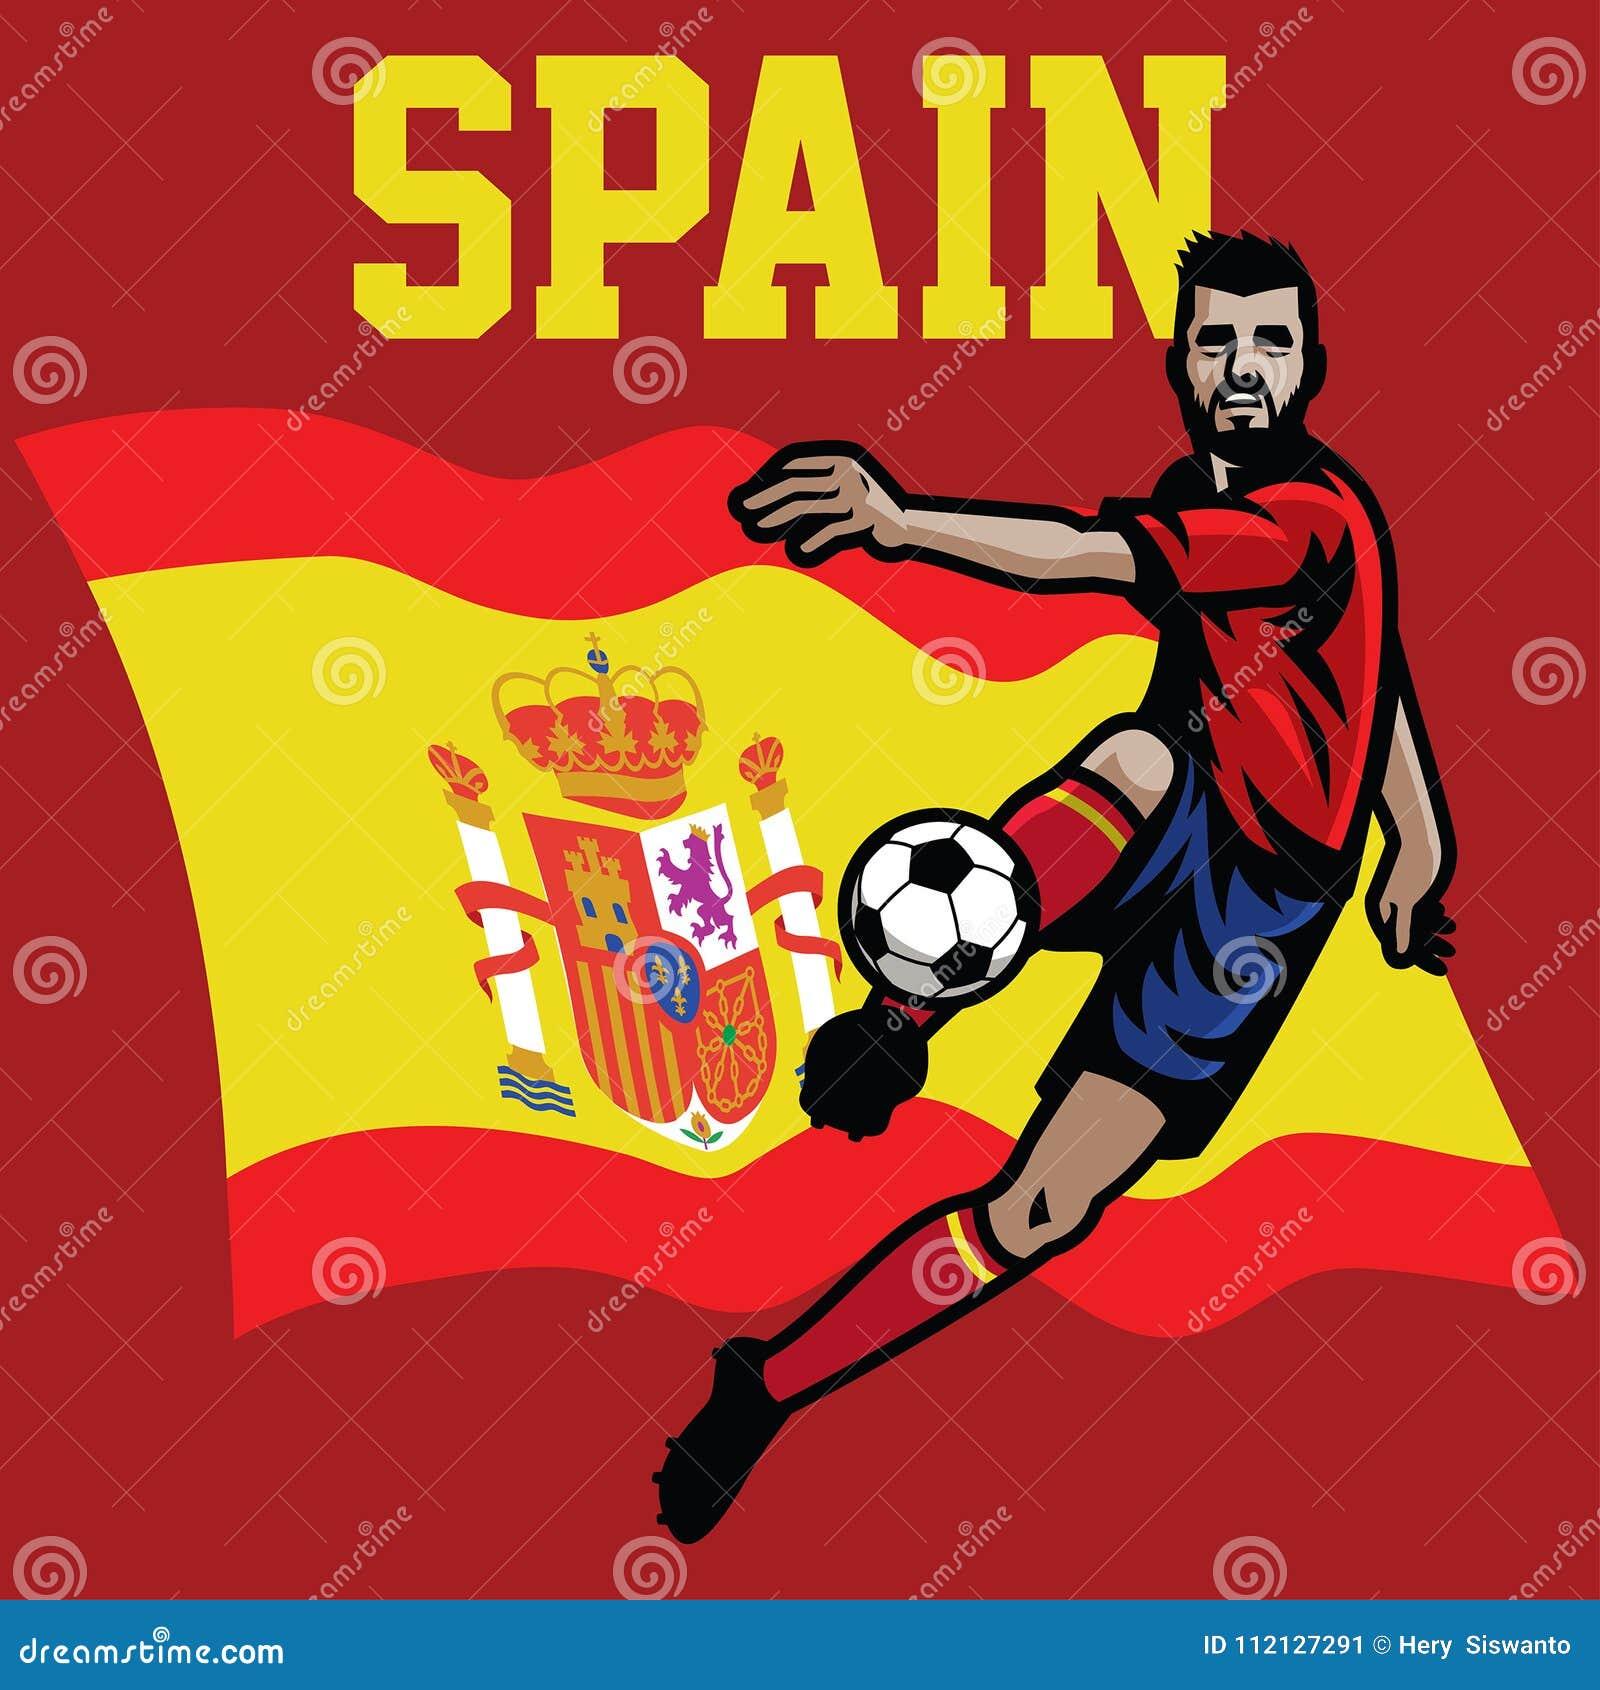 Футболист испании фото